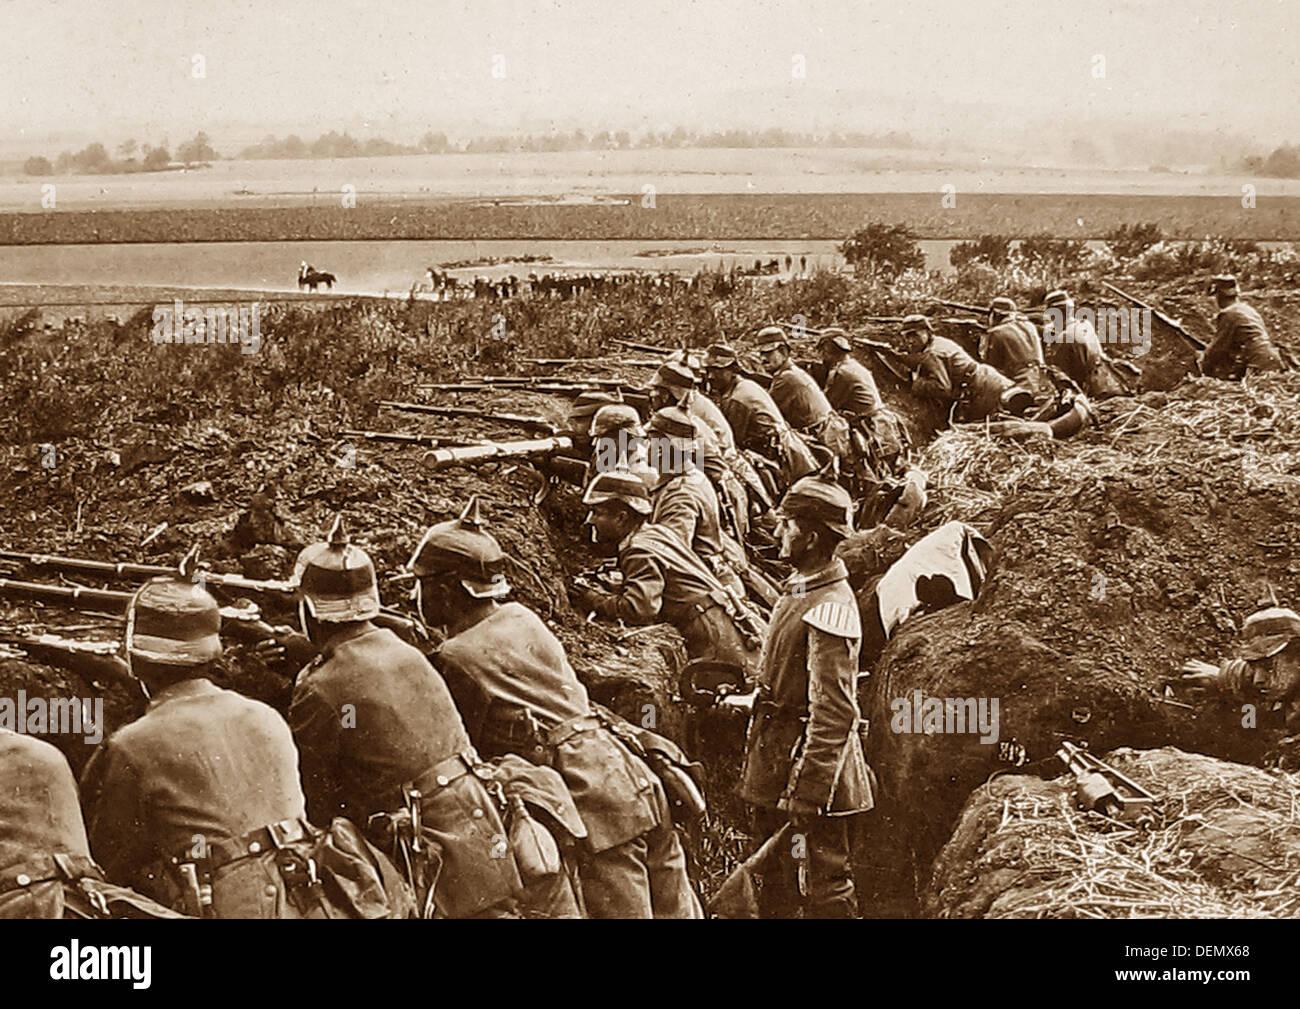 La infantería alemana en una zanja durante WW1 Imagen De Stock